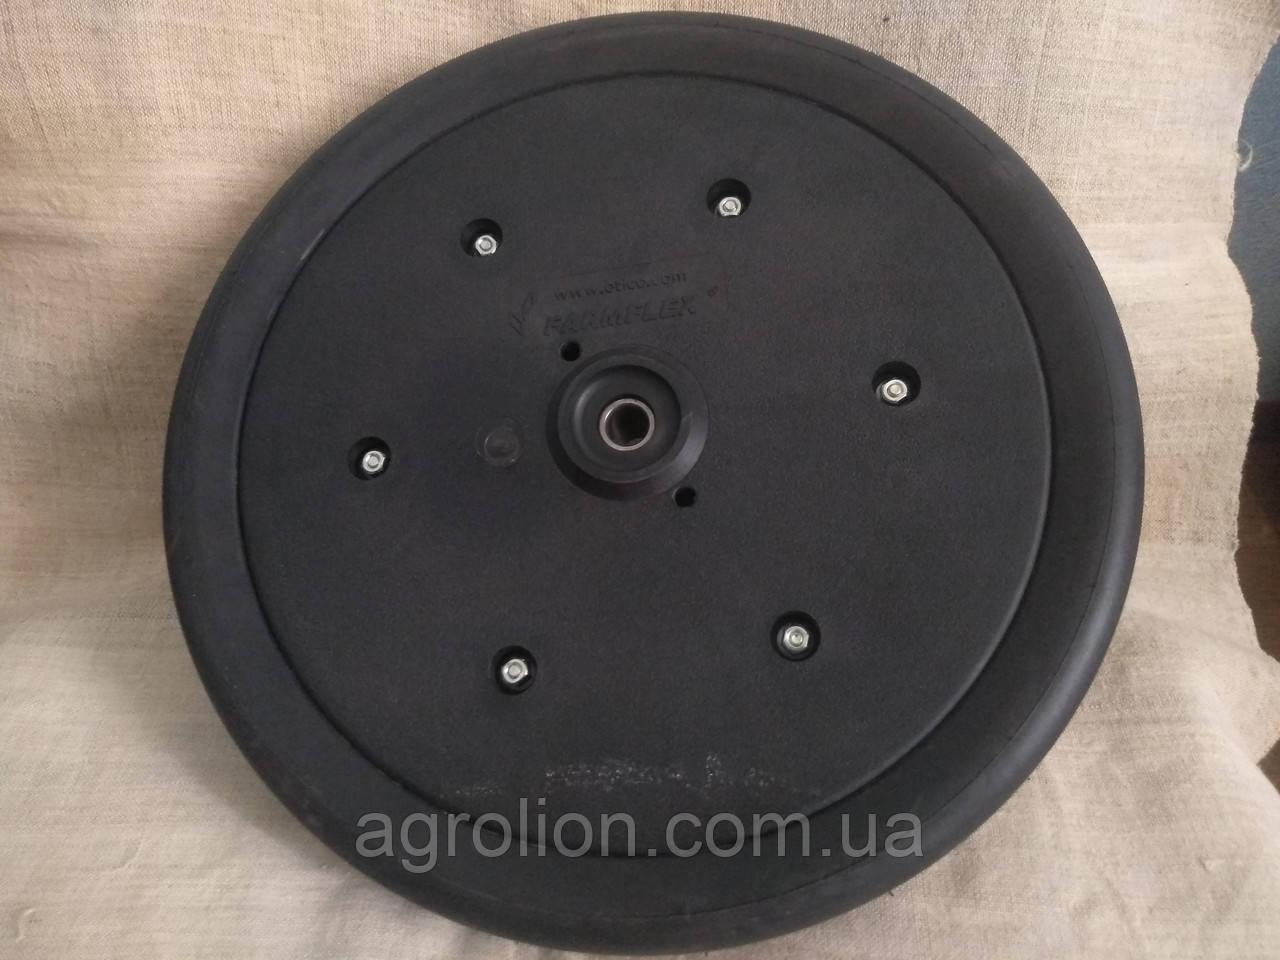 Колесо Amazone 380x65. LE461